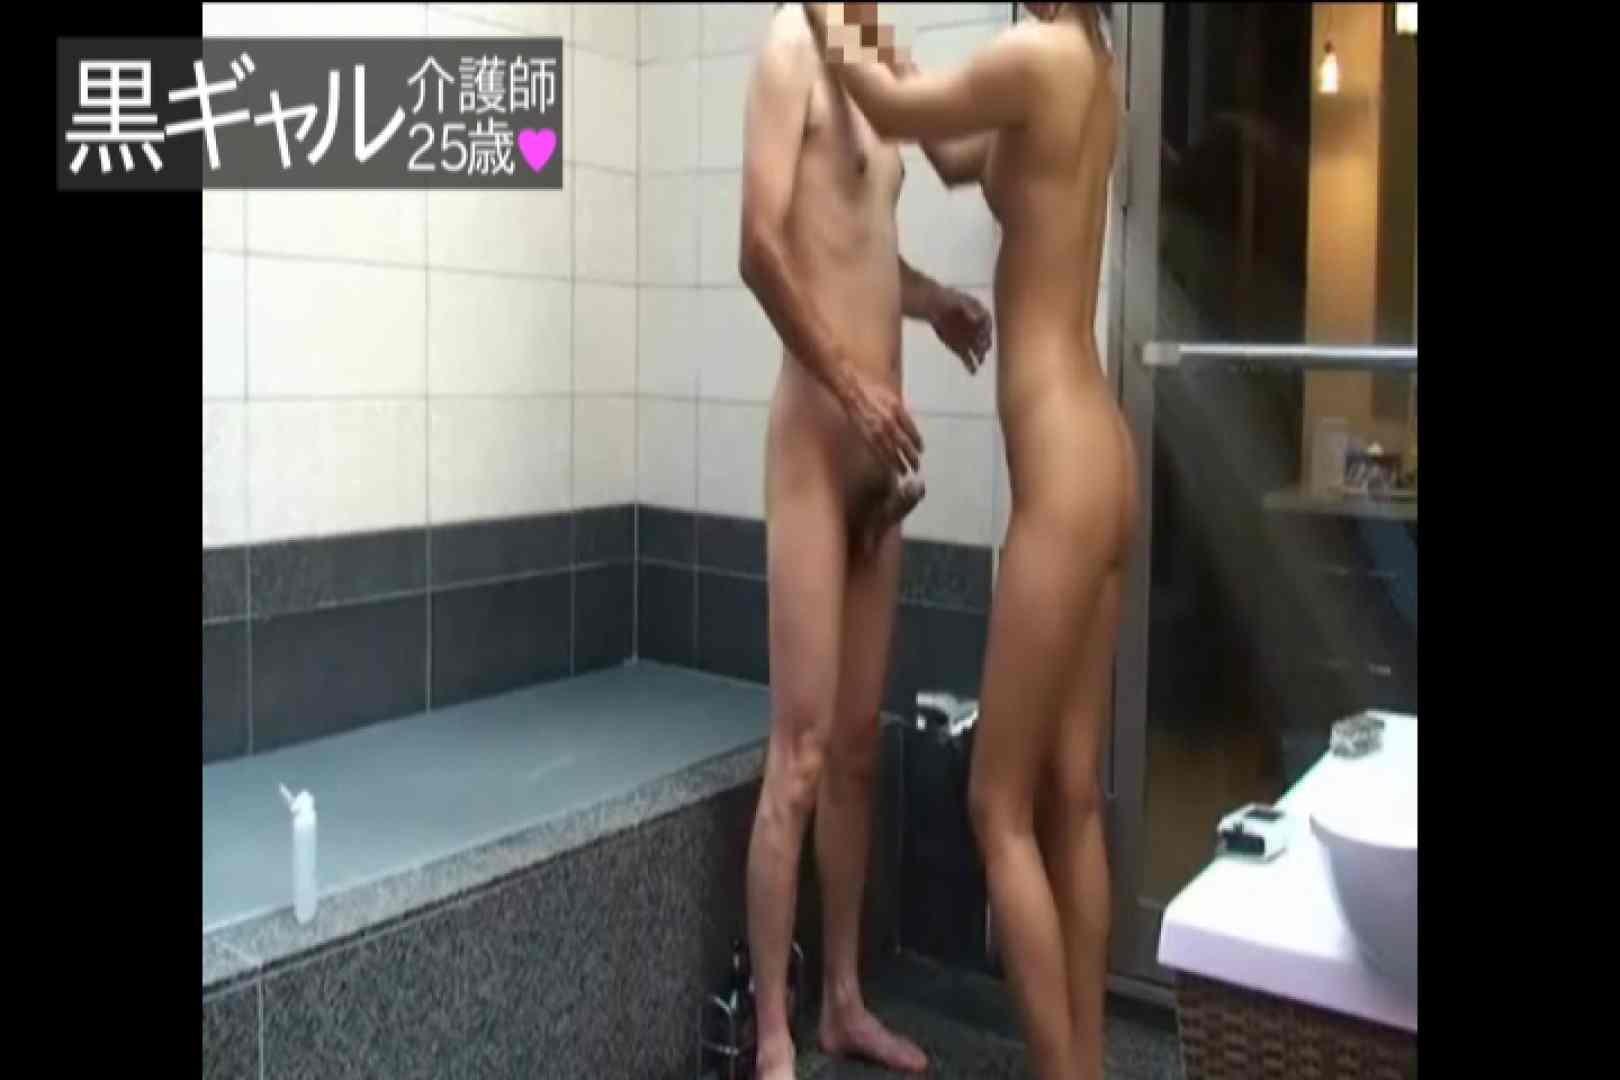 独占入手 従順M黒ギャル介護師25歳vol.4 OLヌード天国 盗み撮り動画キャプチャ 105PIX 14